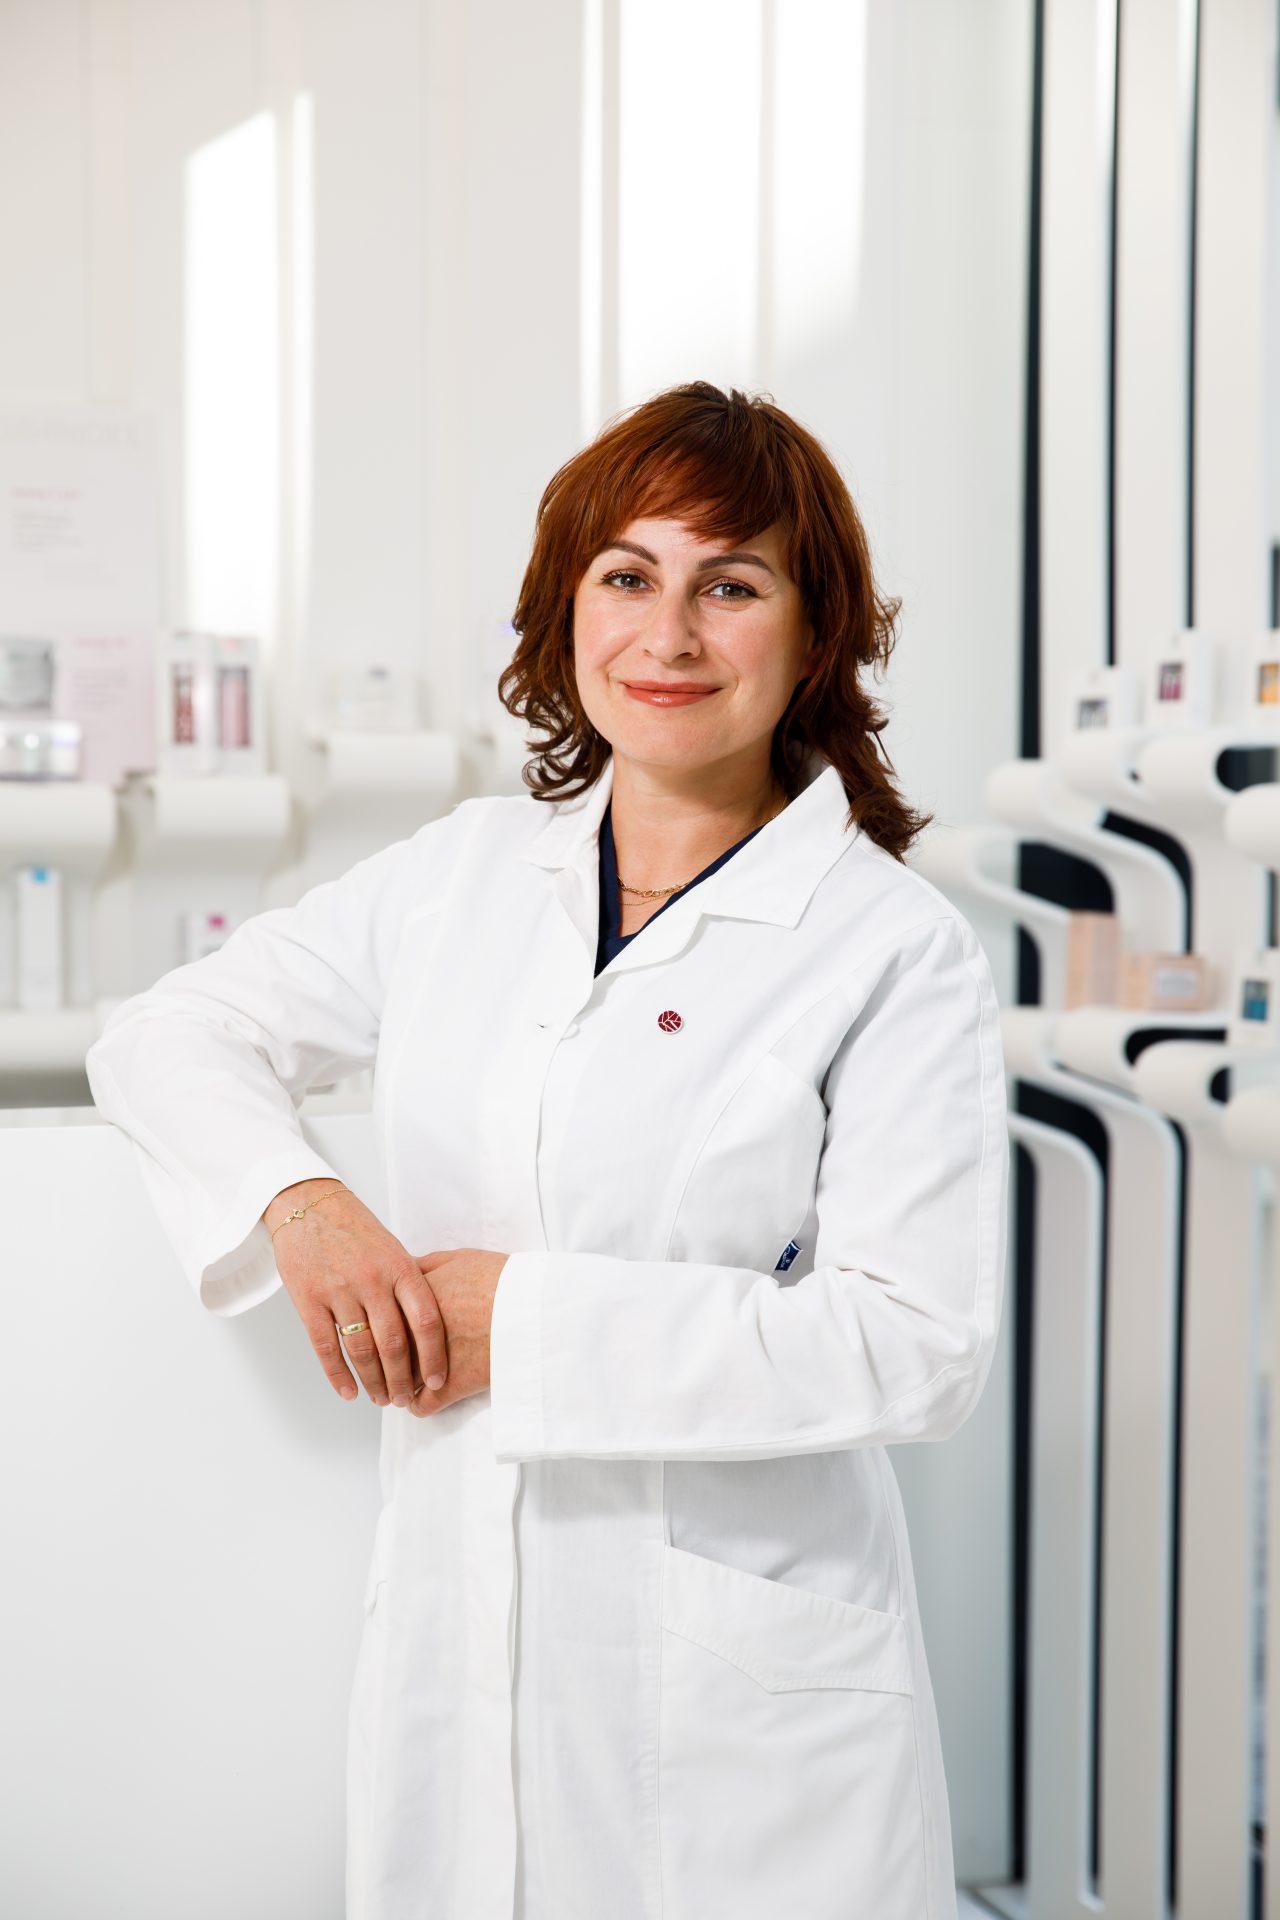 MUDr.Zsuzsanna Erdélyi Concept Clinic